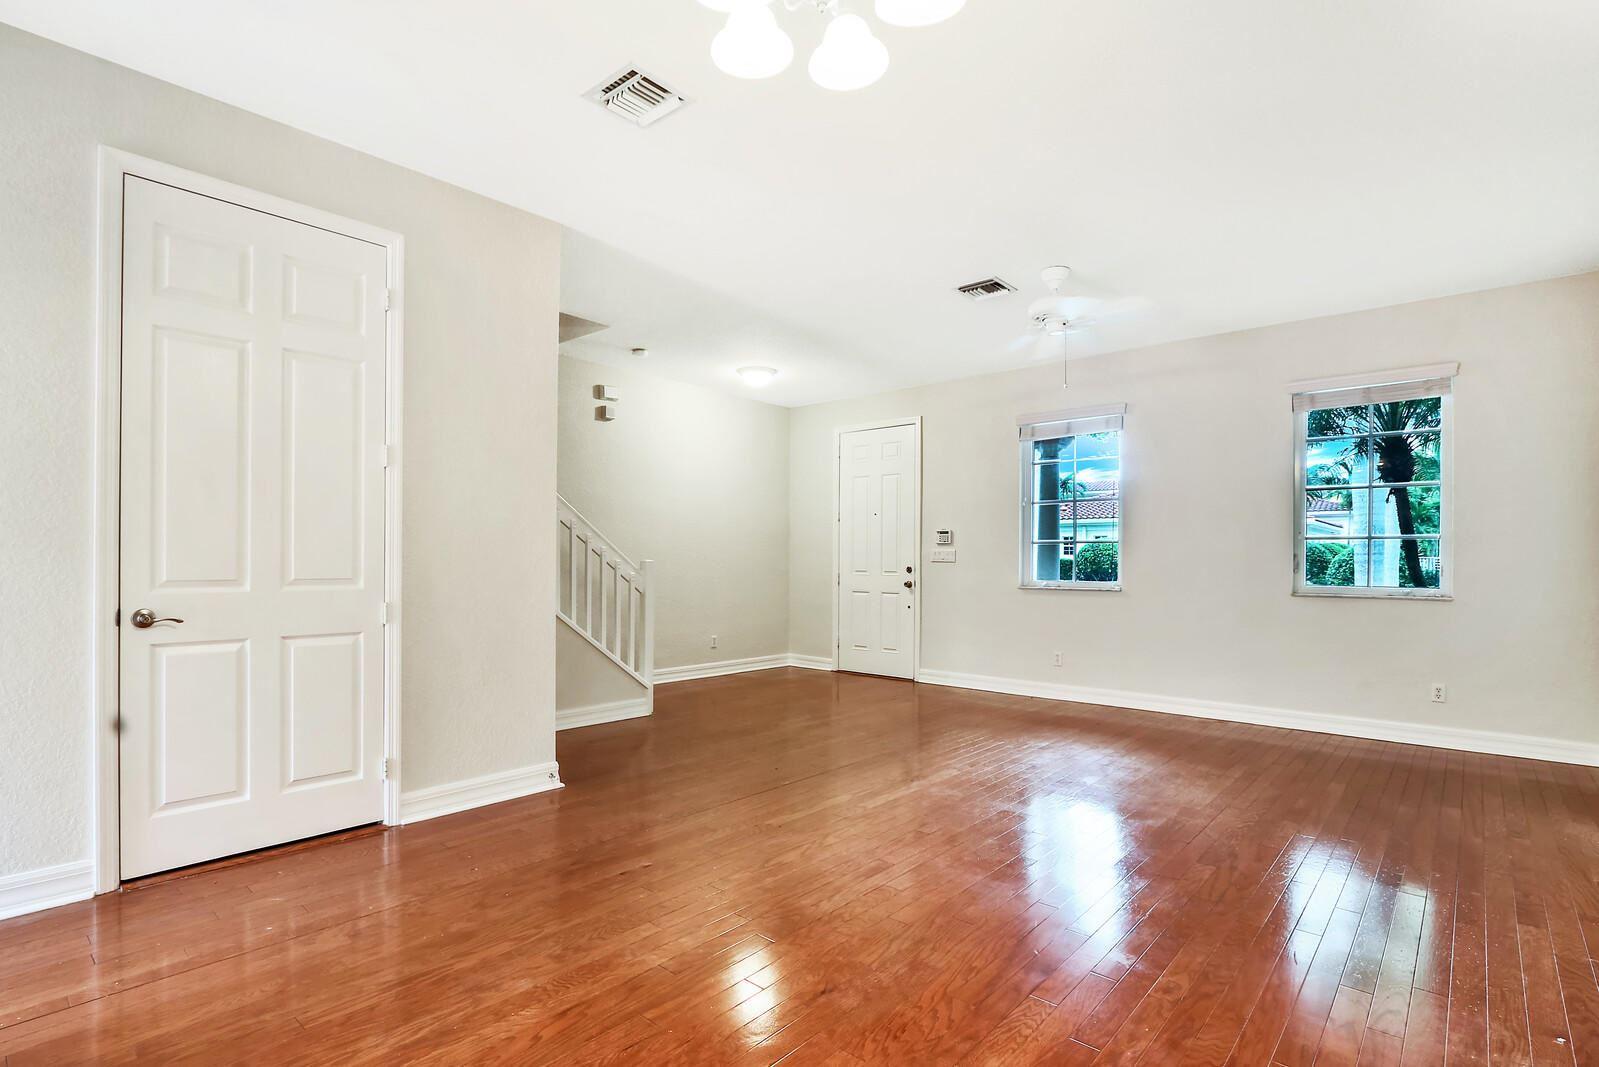 Photo of 227 Mulligan Place, Jupiter, FL 33458 (MLS # RX-10664074)